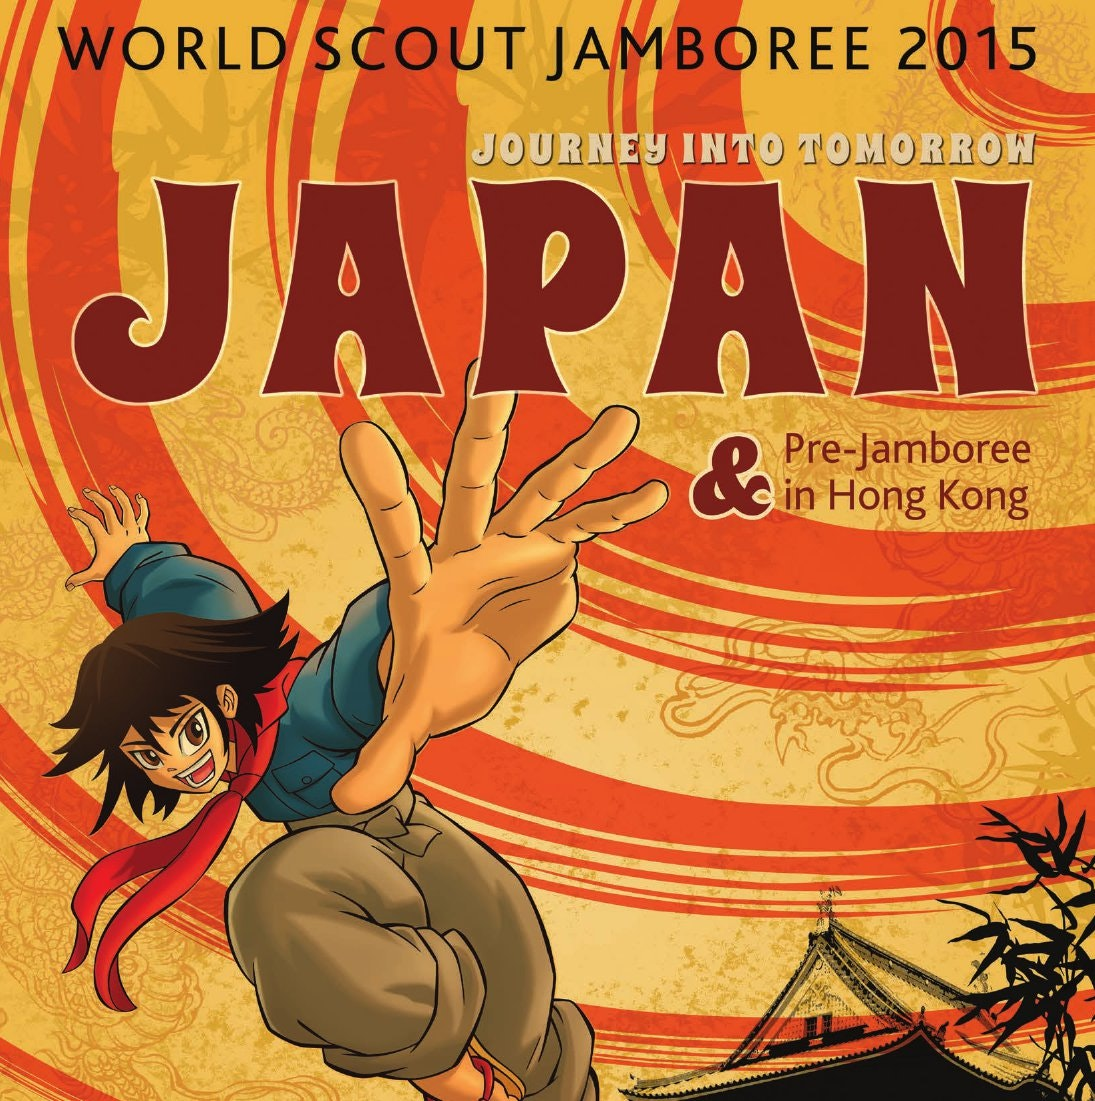 Japan 2015 World Scout Jamboree